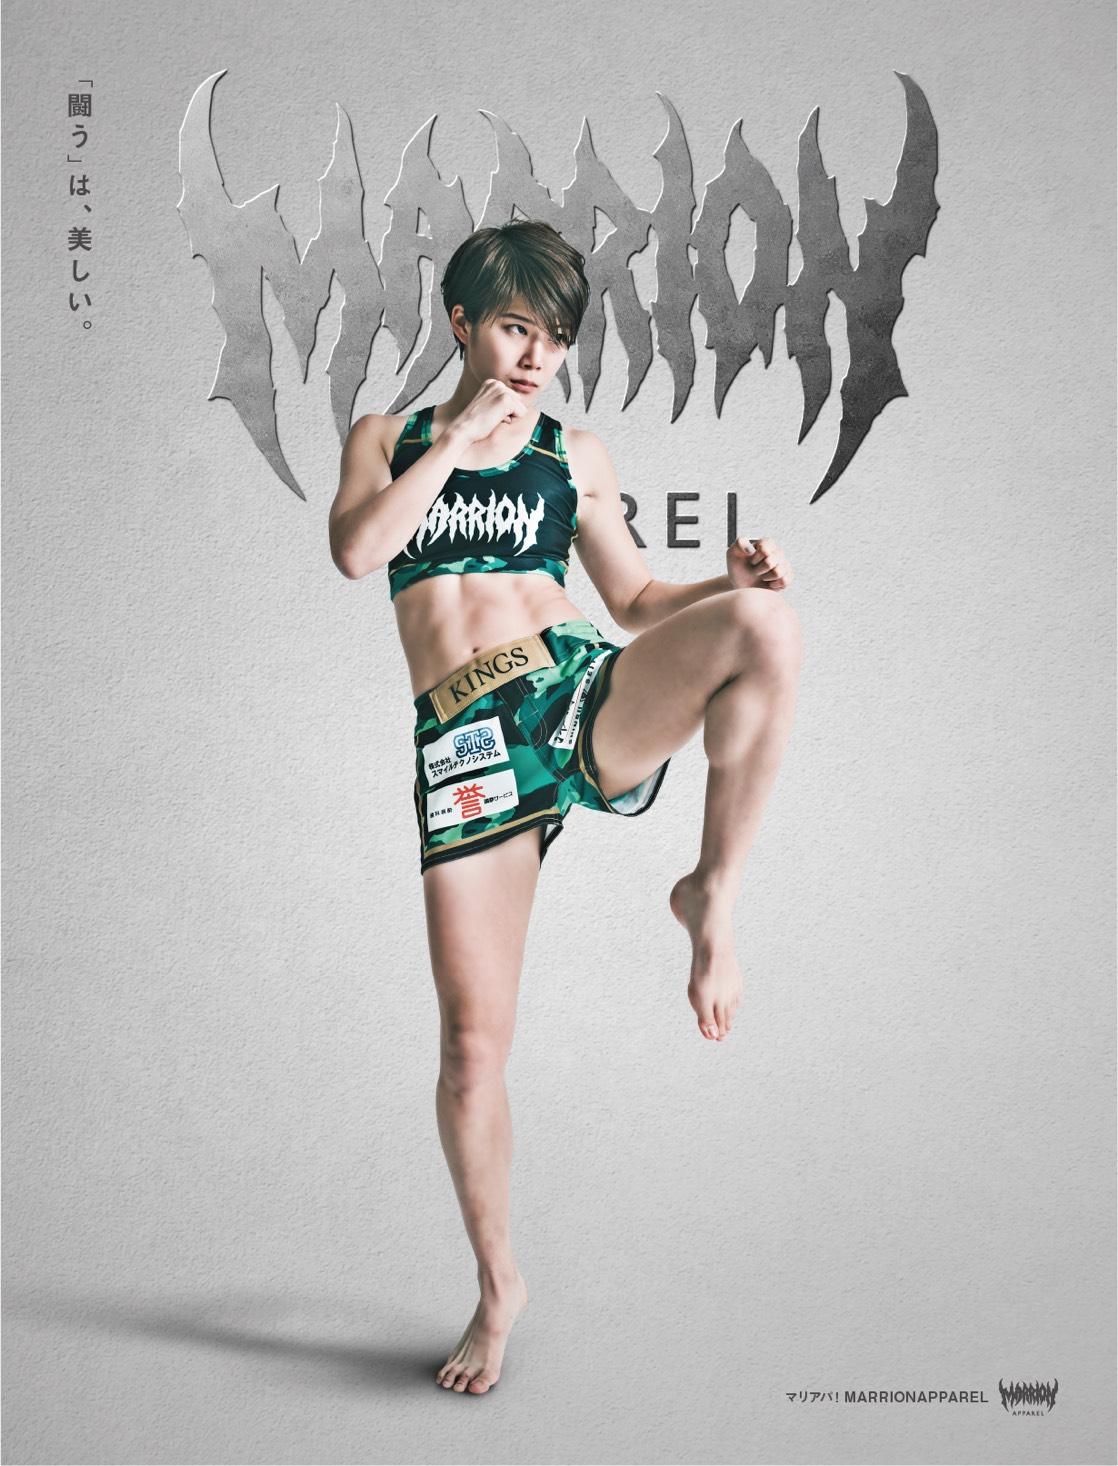 「闘う」は、美しい。-チャン・リー選手-